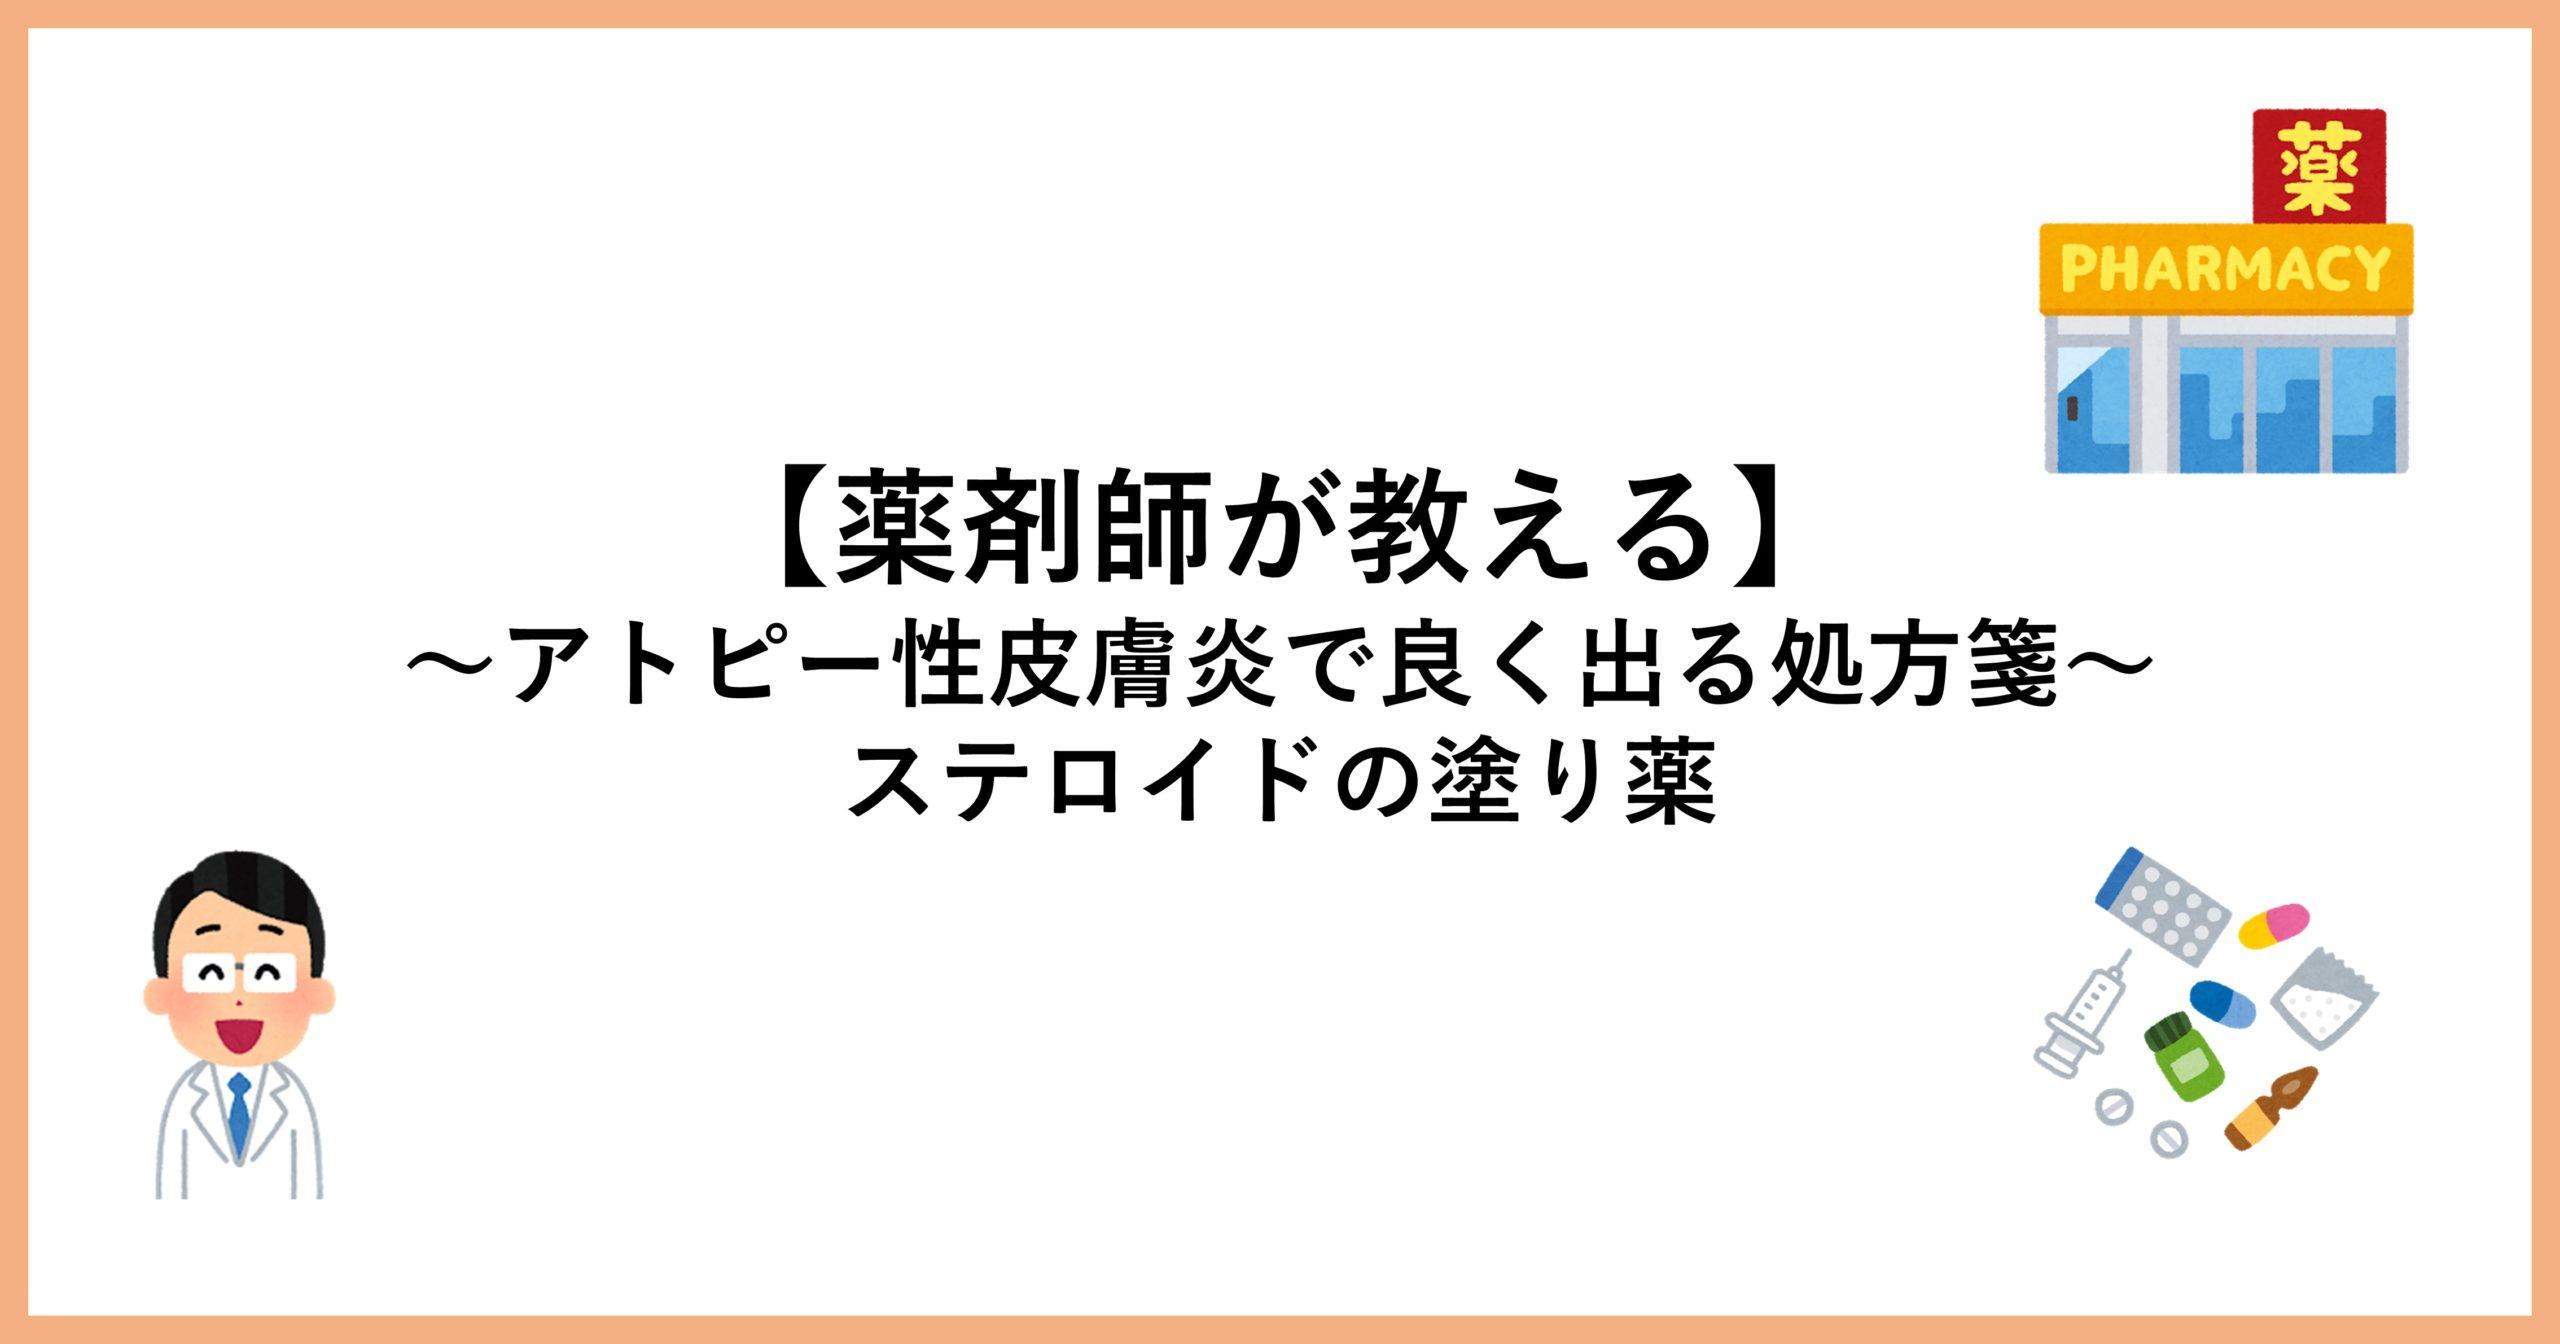 陰部 アンテベート 陰部がかゆい(女性):医師が考える原因と対処法 症状辞典